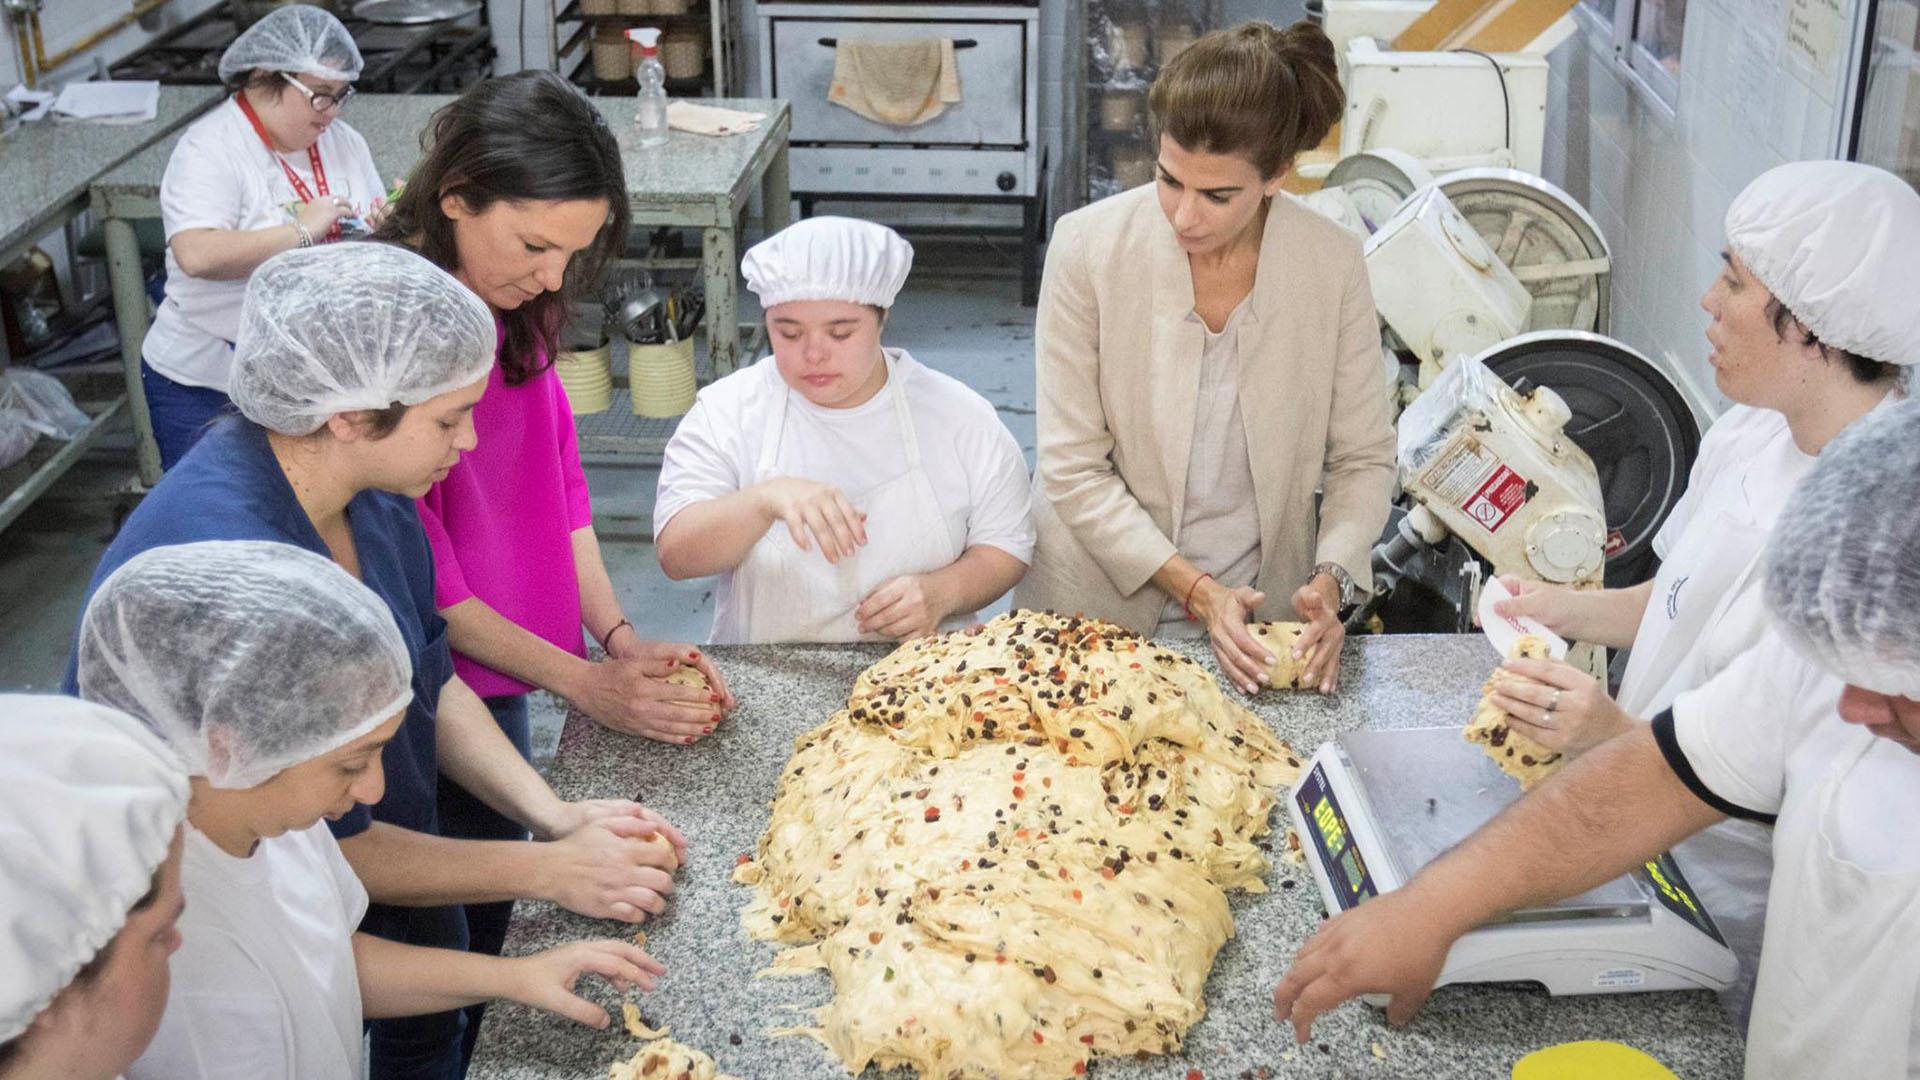 Visitas. La ministra Carolina Stanley y la Primera Dama, Juliana Awada, visitaron el taller de Peldaños. (Asociación Peldaños)